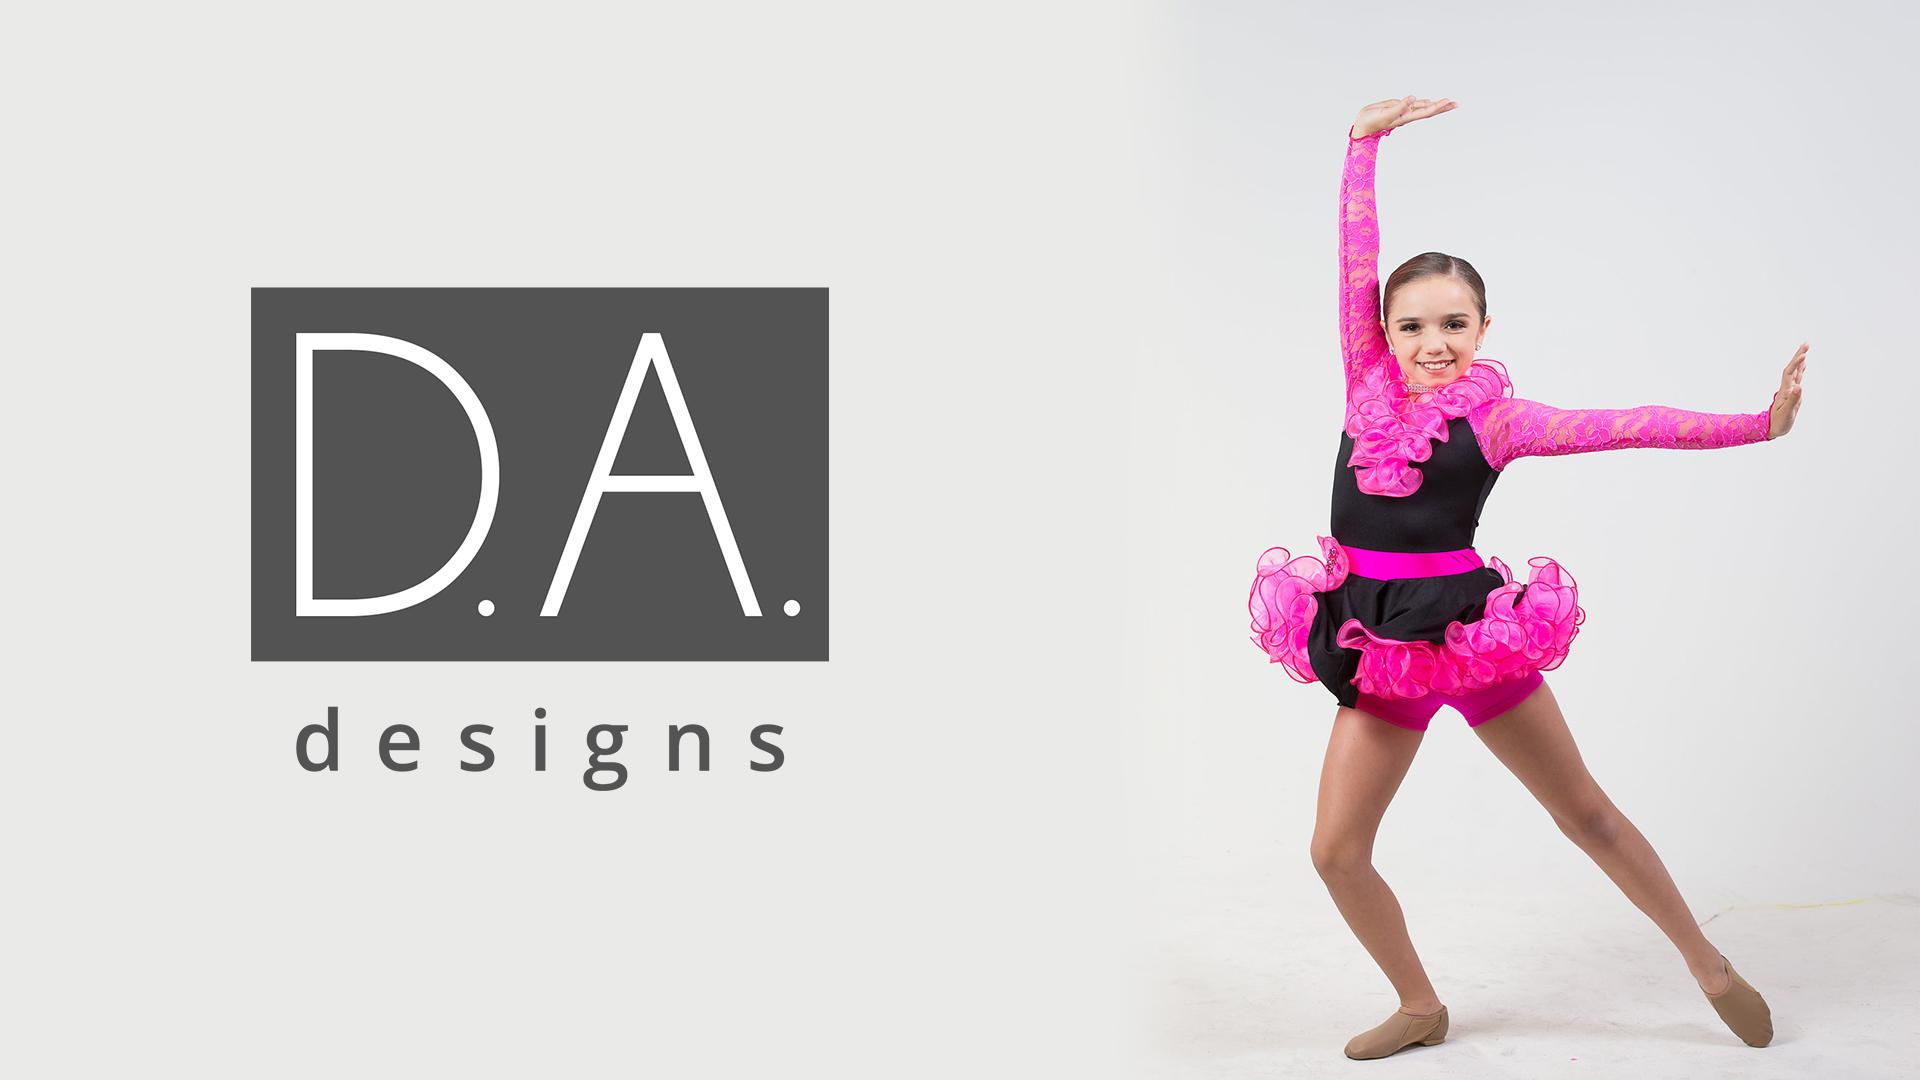 DA Designs Dancewear u2013 Tap Dance Costume u2013 Sassy Ruffles-2  sc 1 st  DA Designs Dancewear & DA Designs Dancewear - Tap Dance Costume - Sassy Ruffles-2 - DA ...